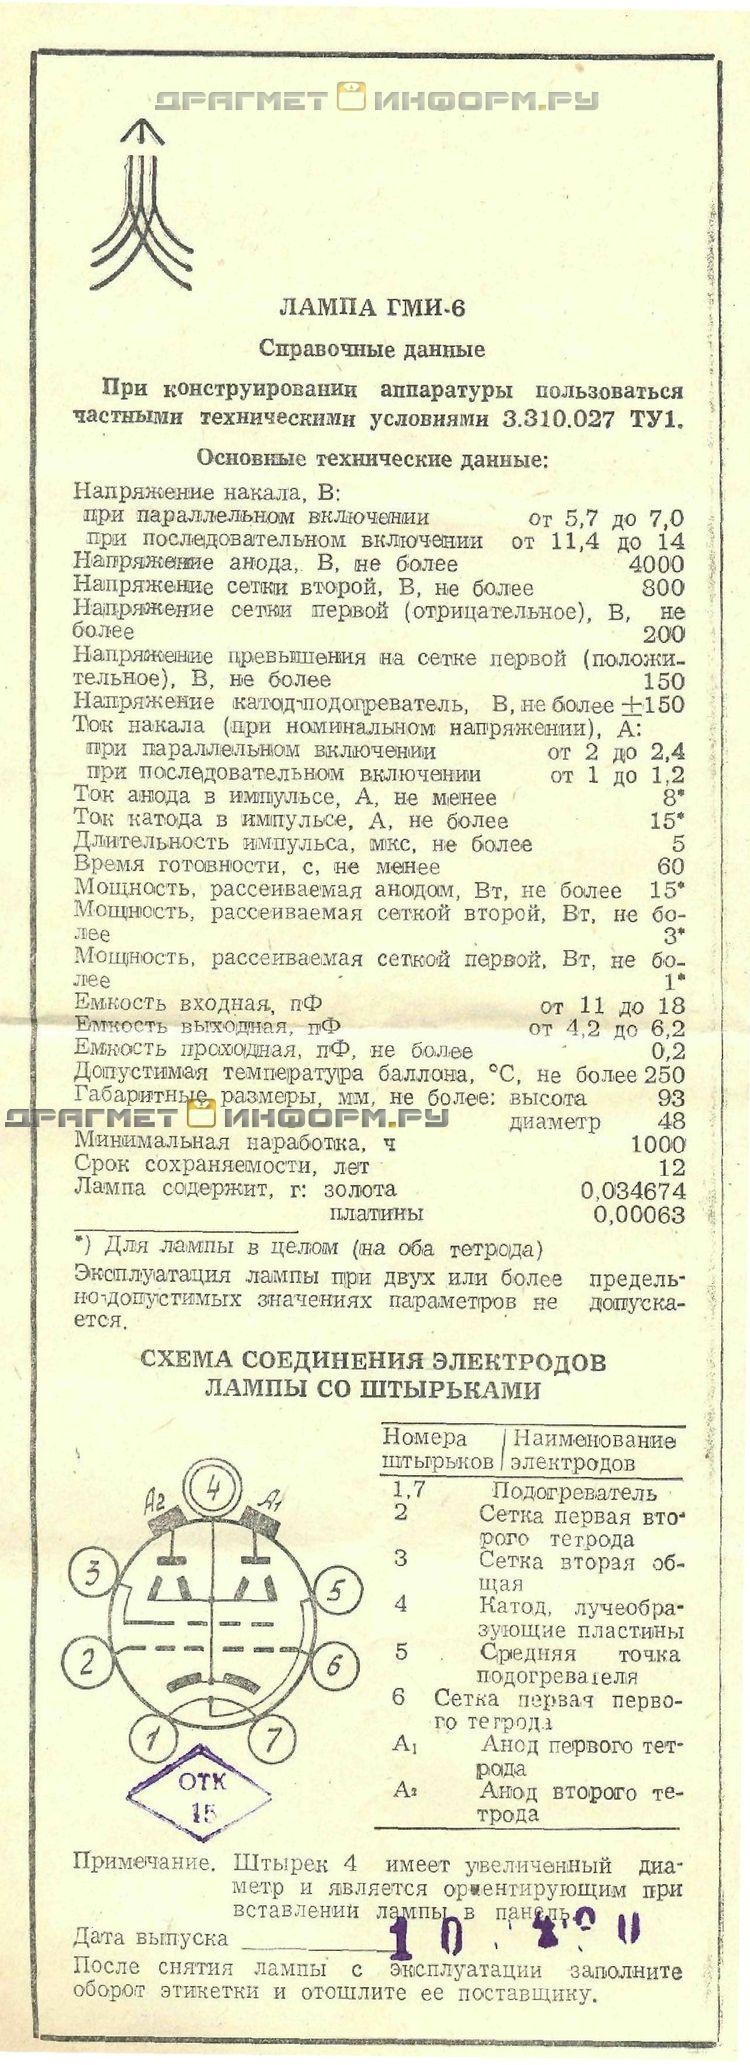 Формуляр ГМИ-6